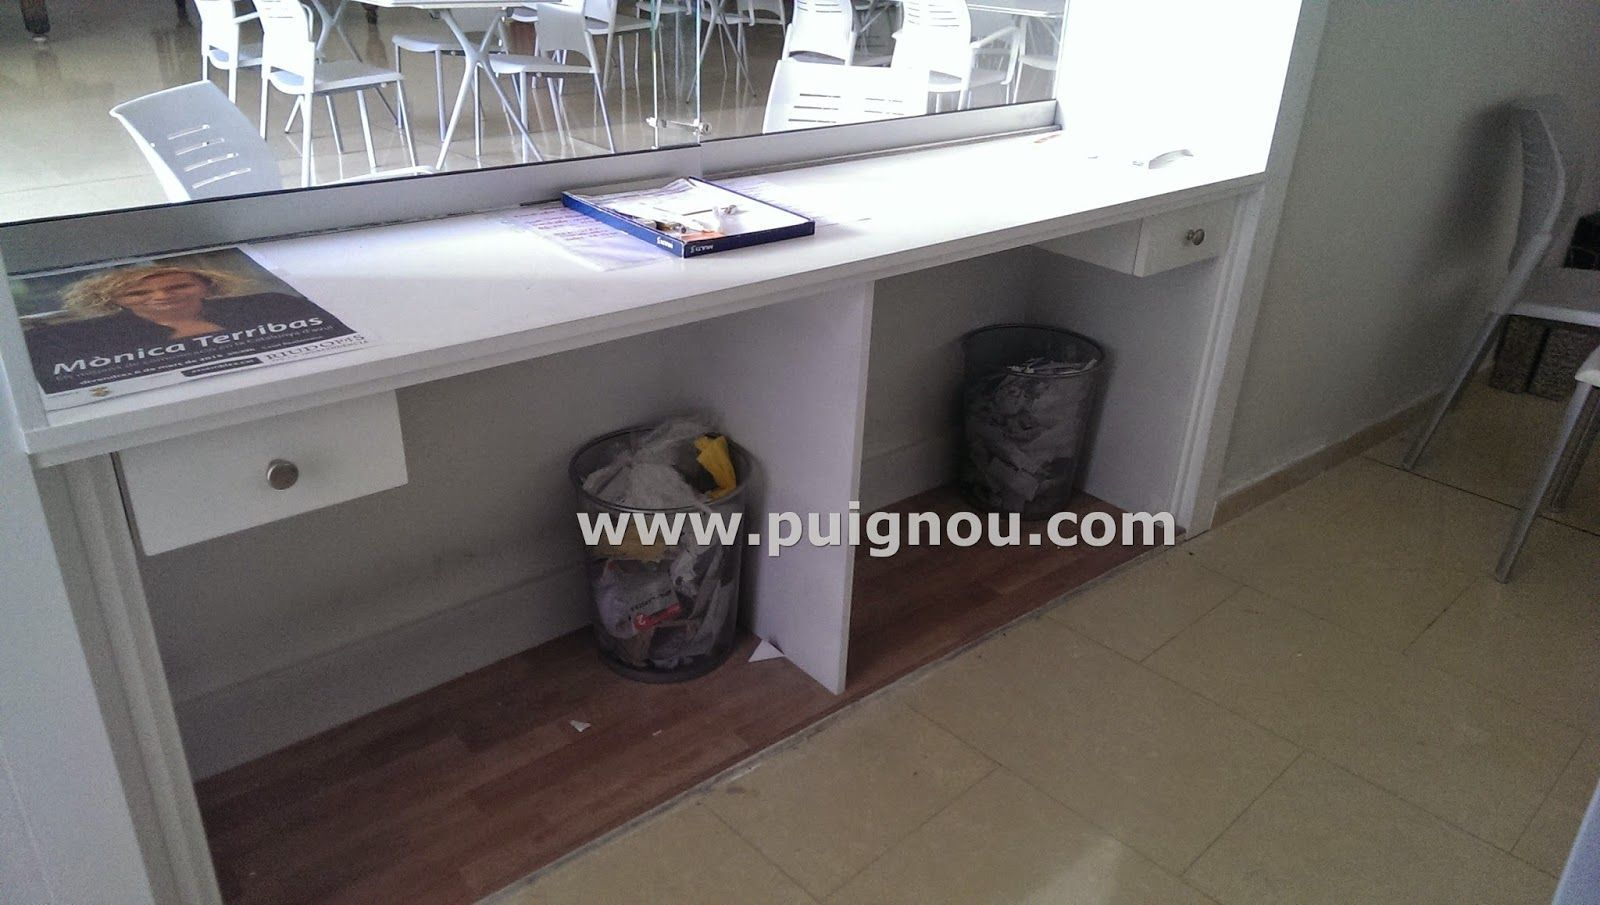 Puignou puigpelatmesa de escritorio blanca a medida for Medidas mesa escritorio